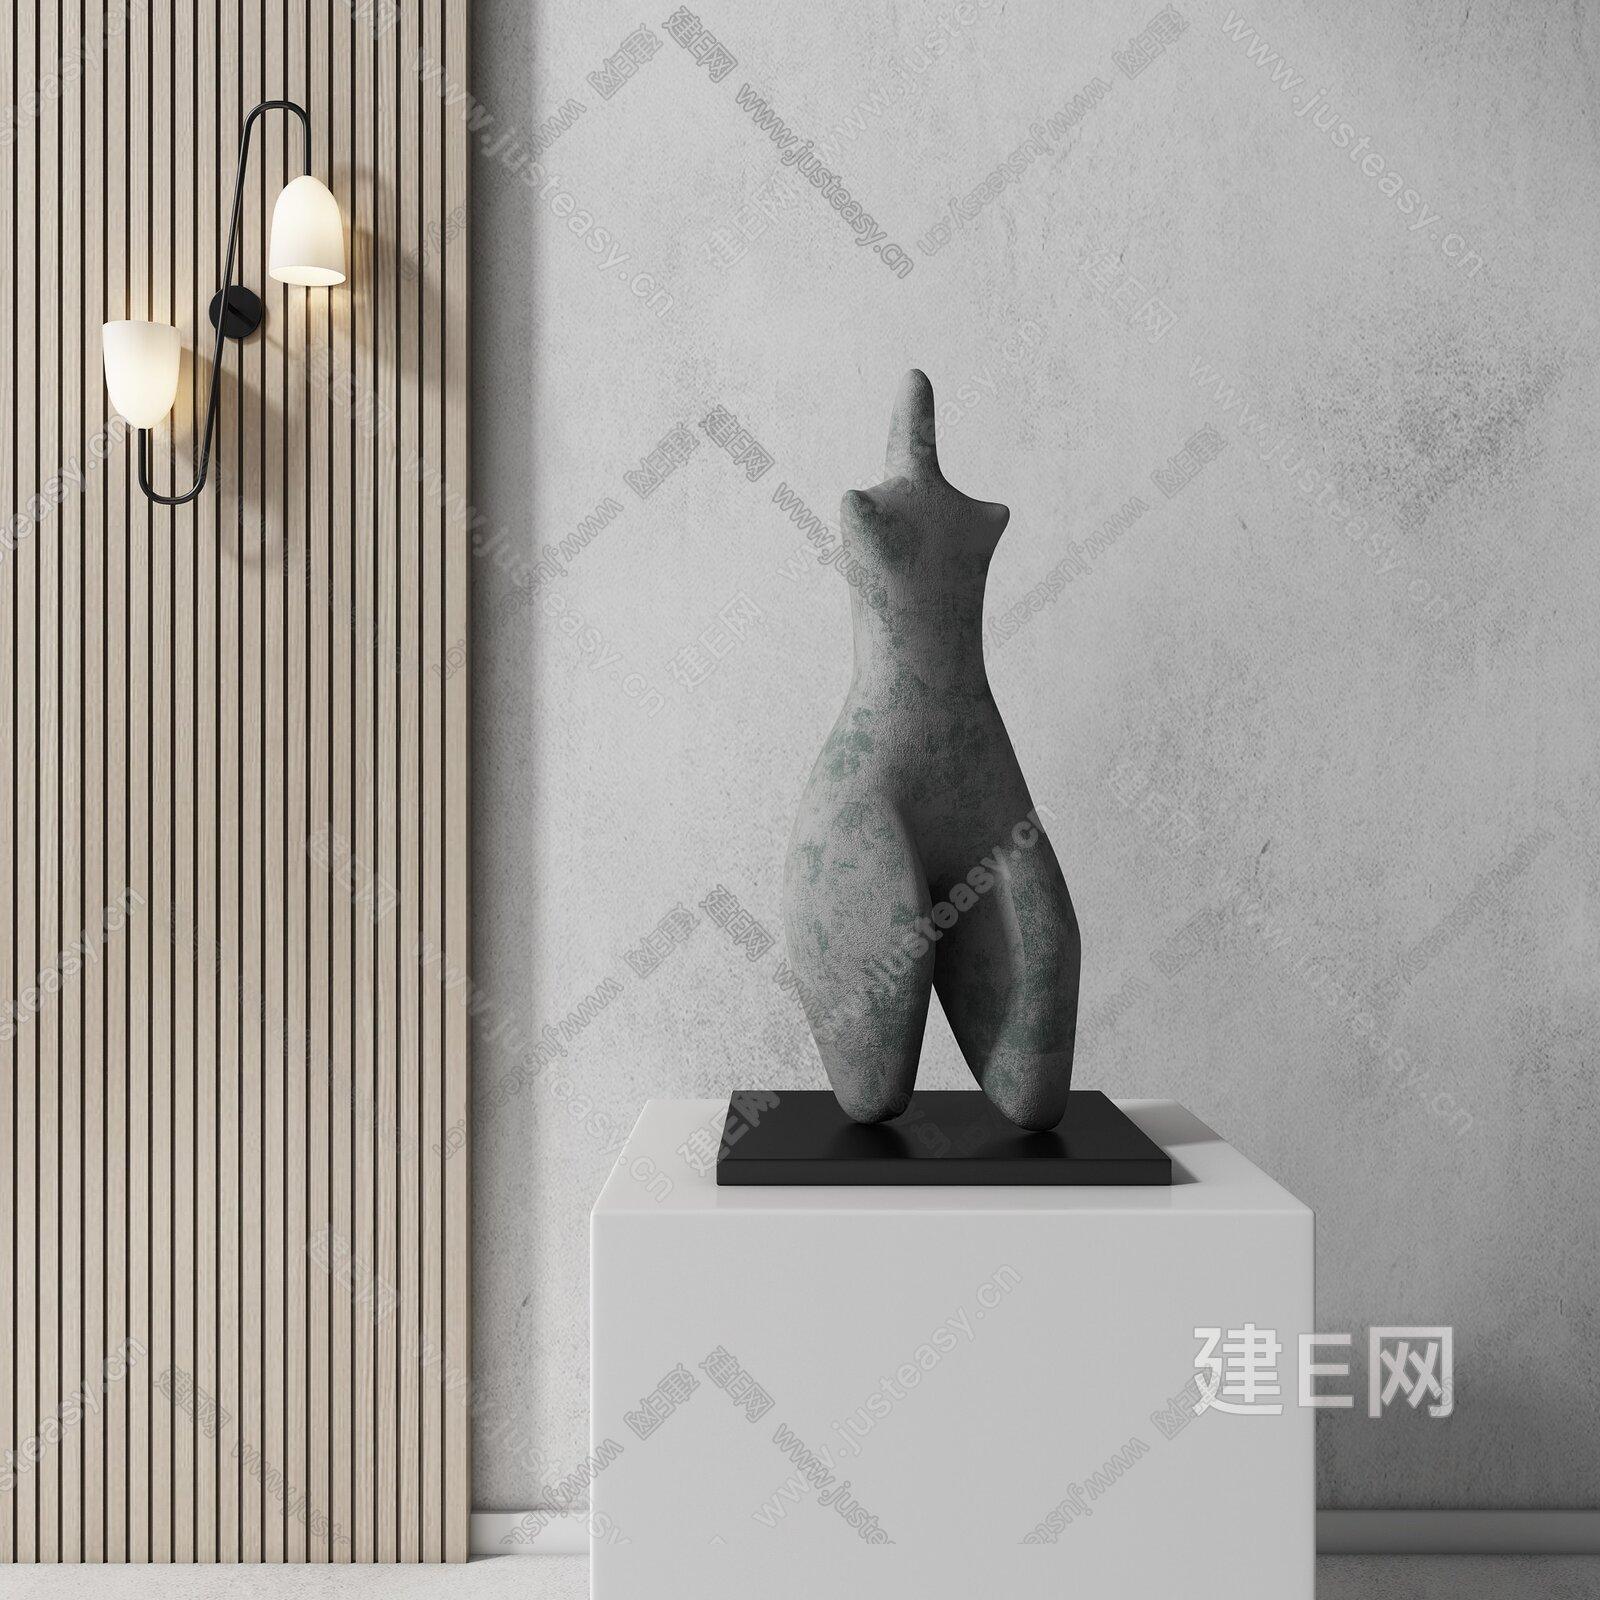 现代雕塑壁灯组合3d模型